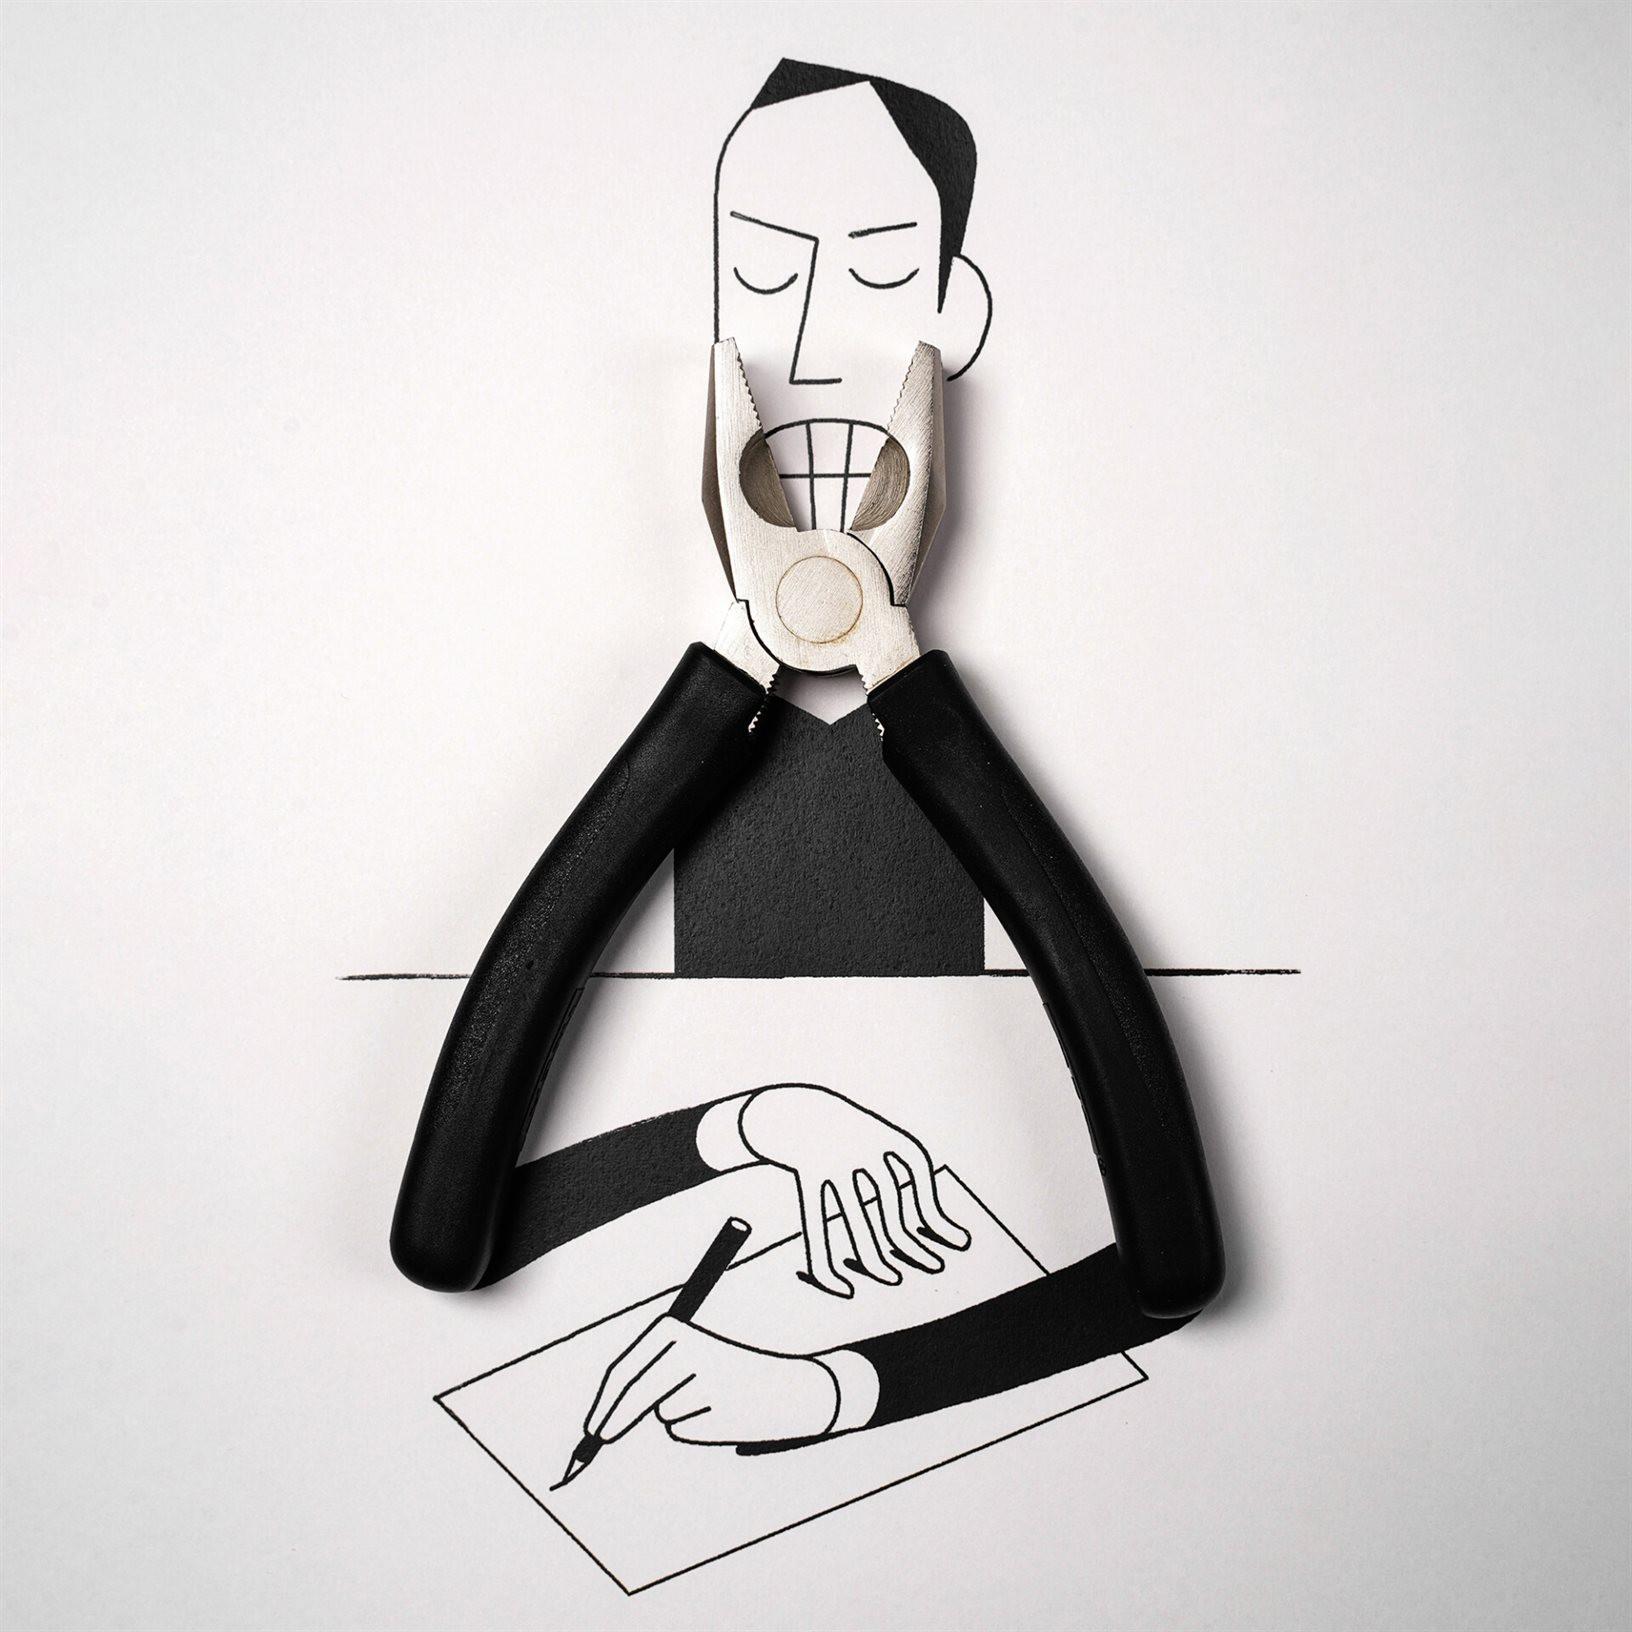 Художник может превратить любой предмет в причудливую иллюстрацию